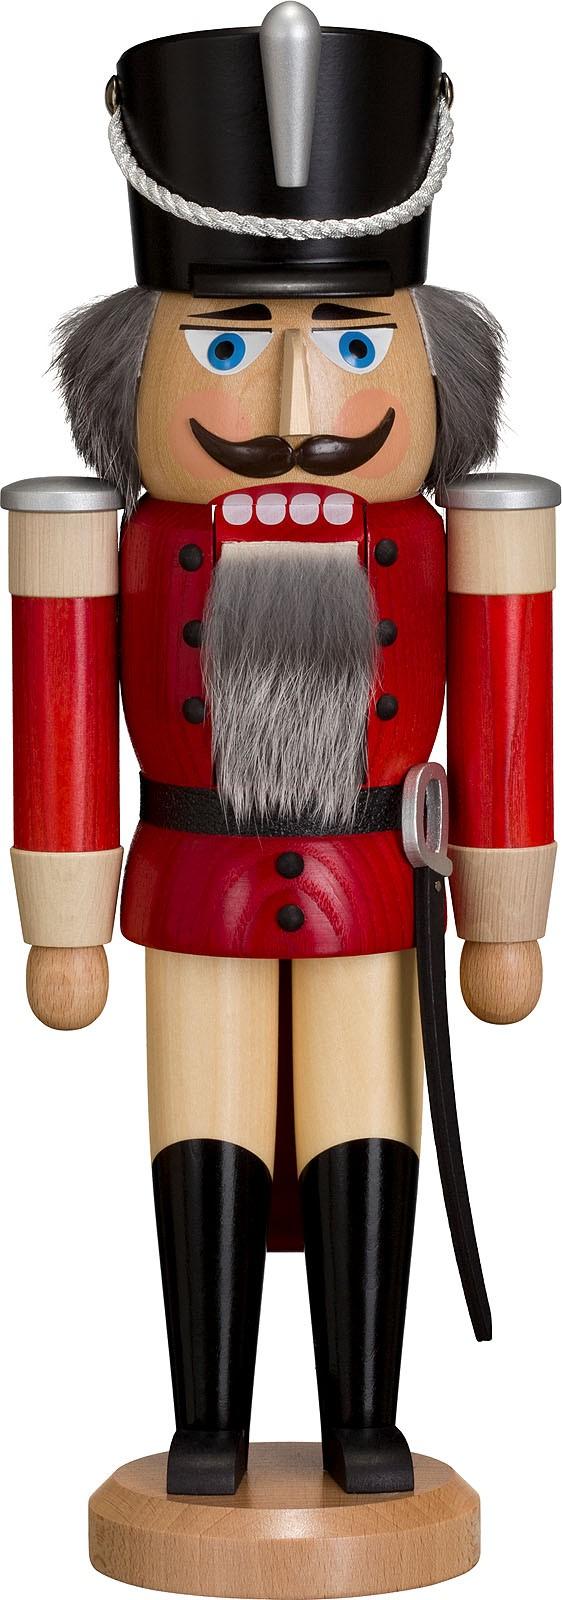 Nussknacker Husar, Esche lasiert, rot, 37 cm